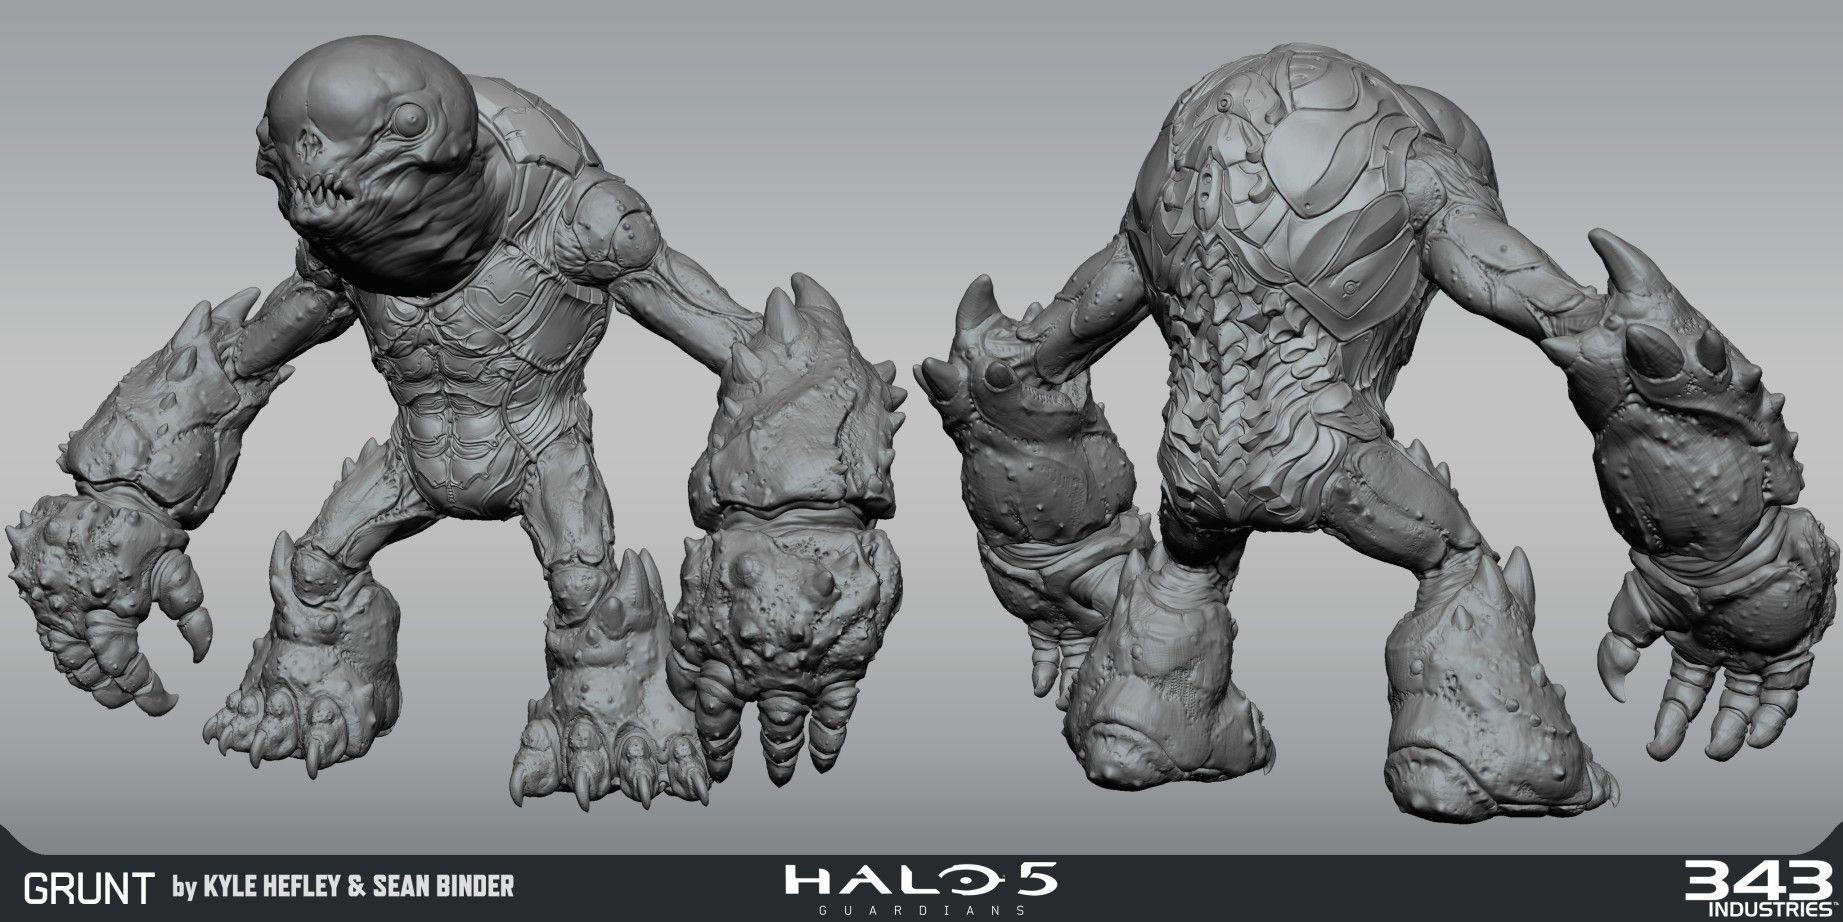 ArtStation Halo 5 Grunt, Kyle Hefley (con imágenes)